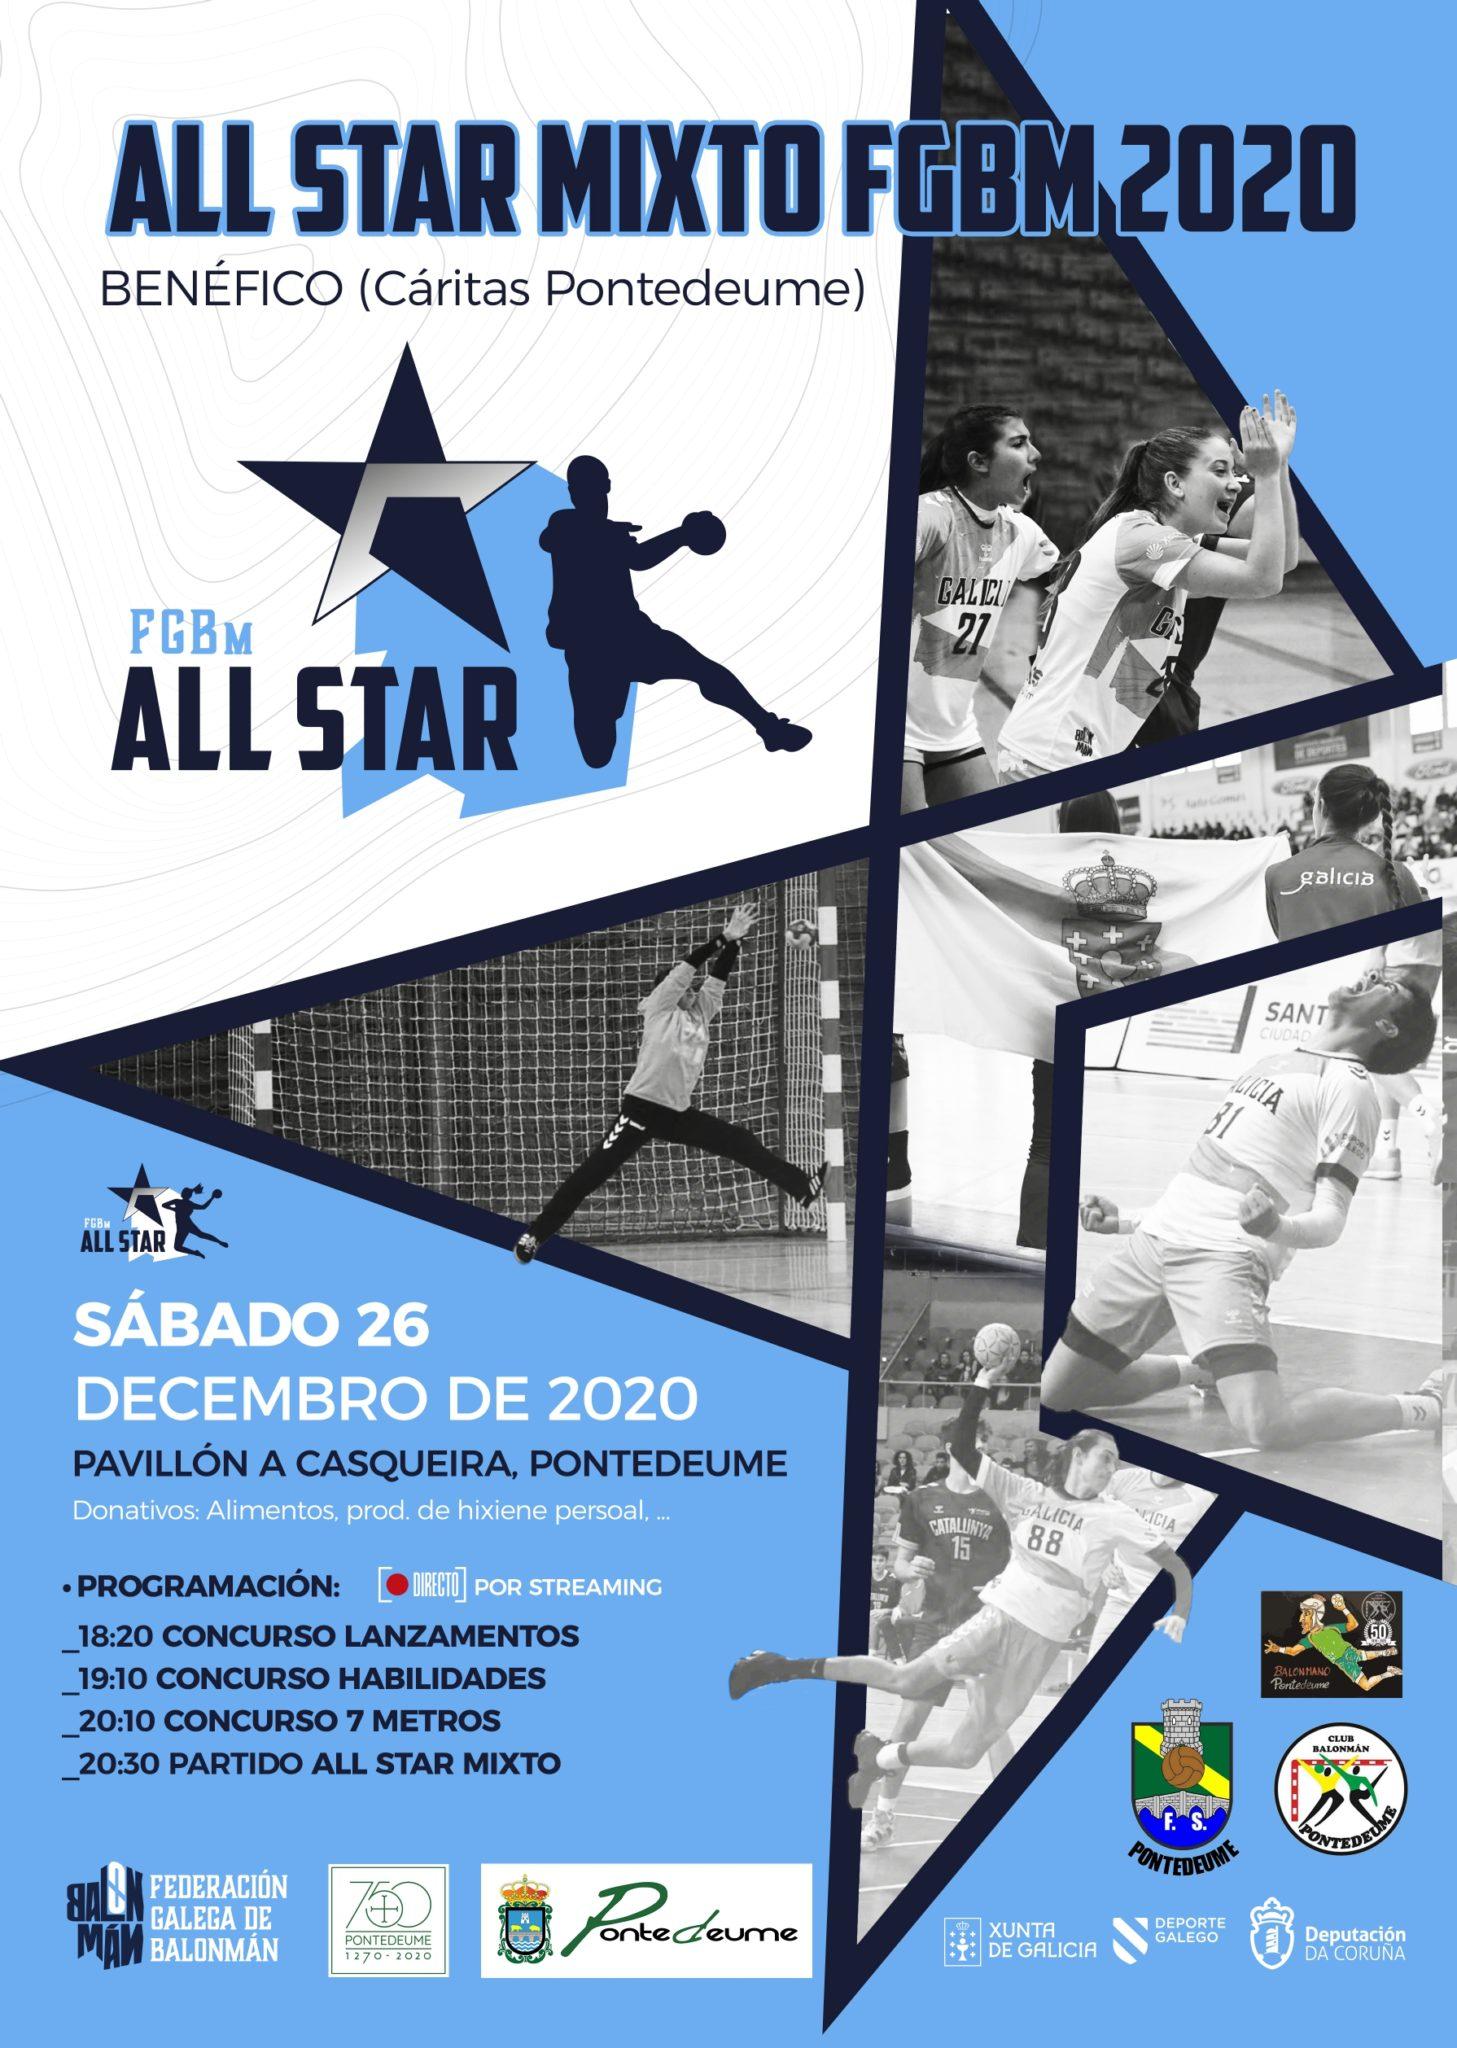 O 26 de decembro Pontedeume acolle o All Star Mixto FGBm 2020 / FGBm